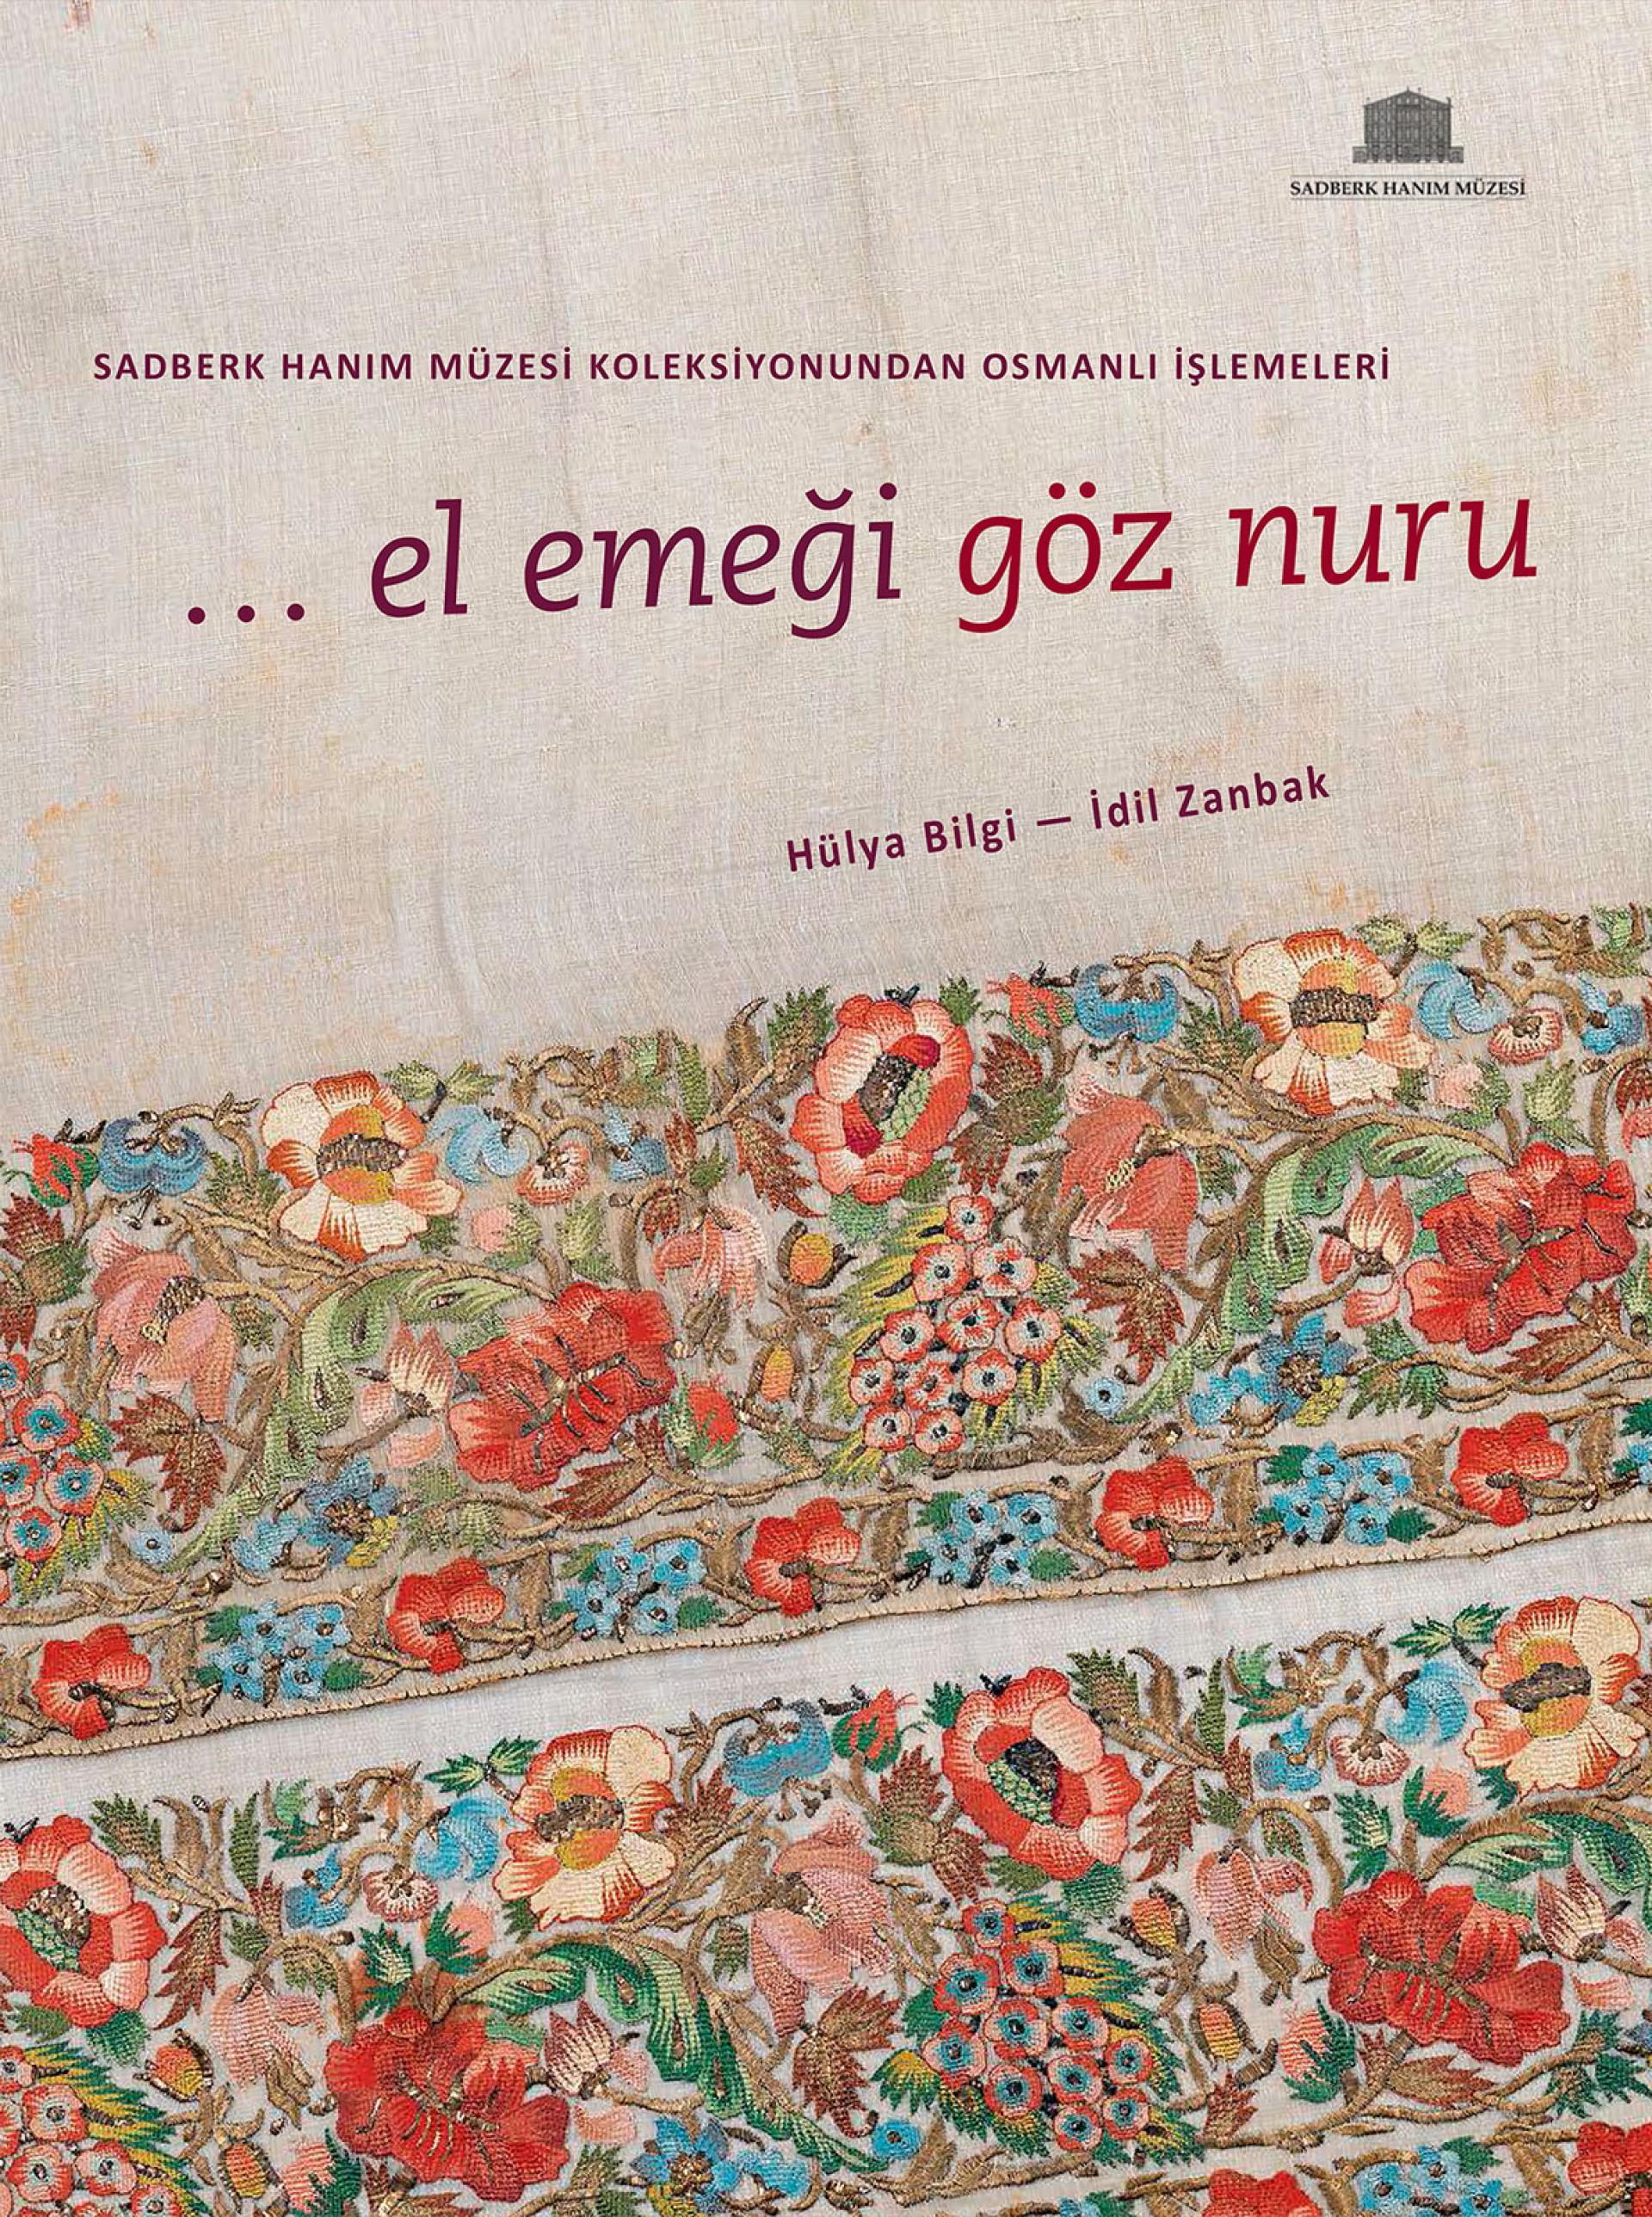 El Emeği Göz Nuru - Sadberk Hanım Müzesi Koleksiyonundan Osmanlı İşlemeleri - Sadberk Hanım Museum